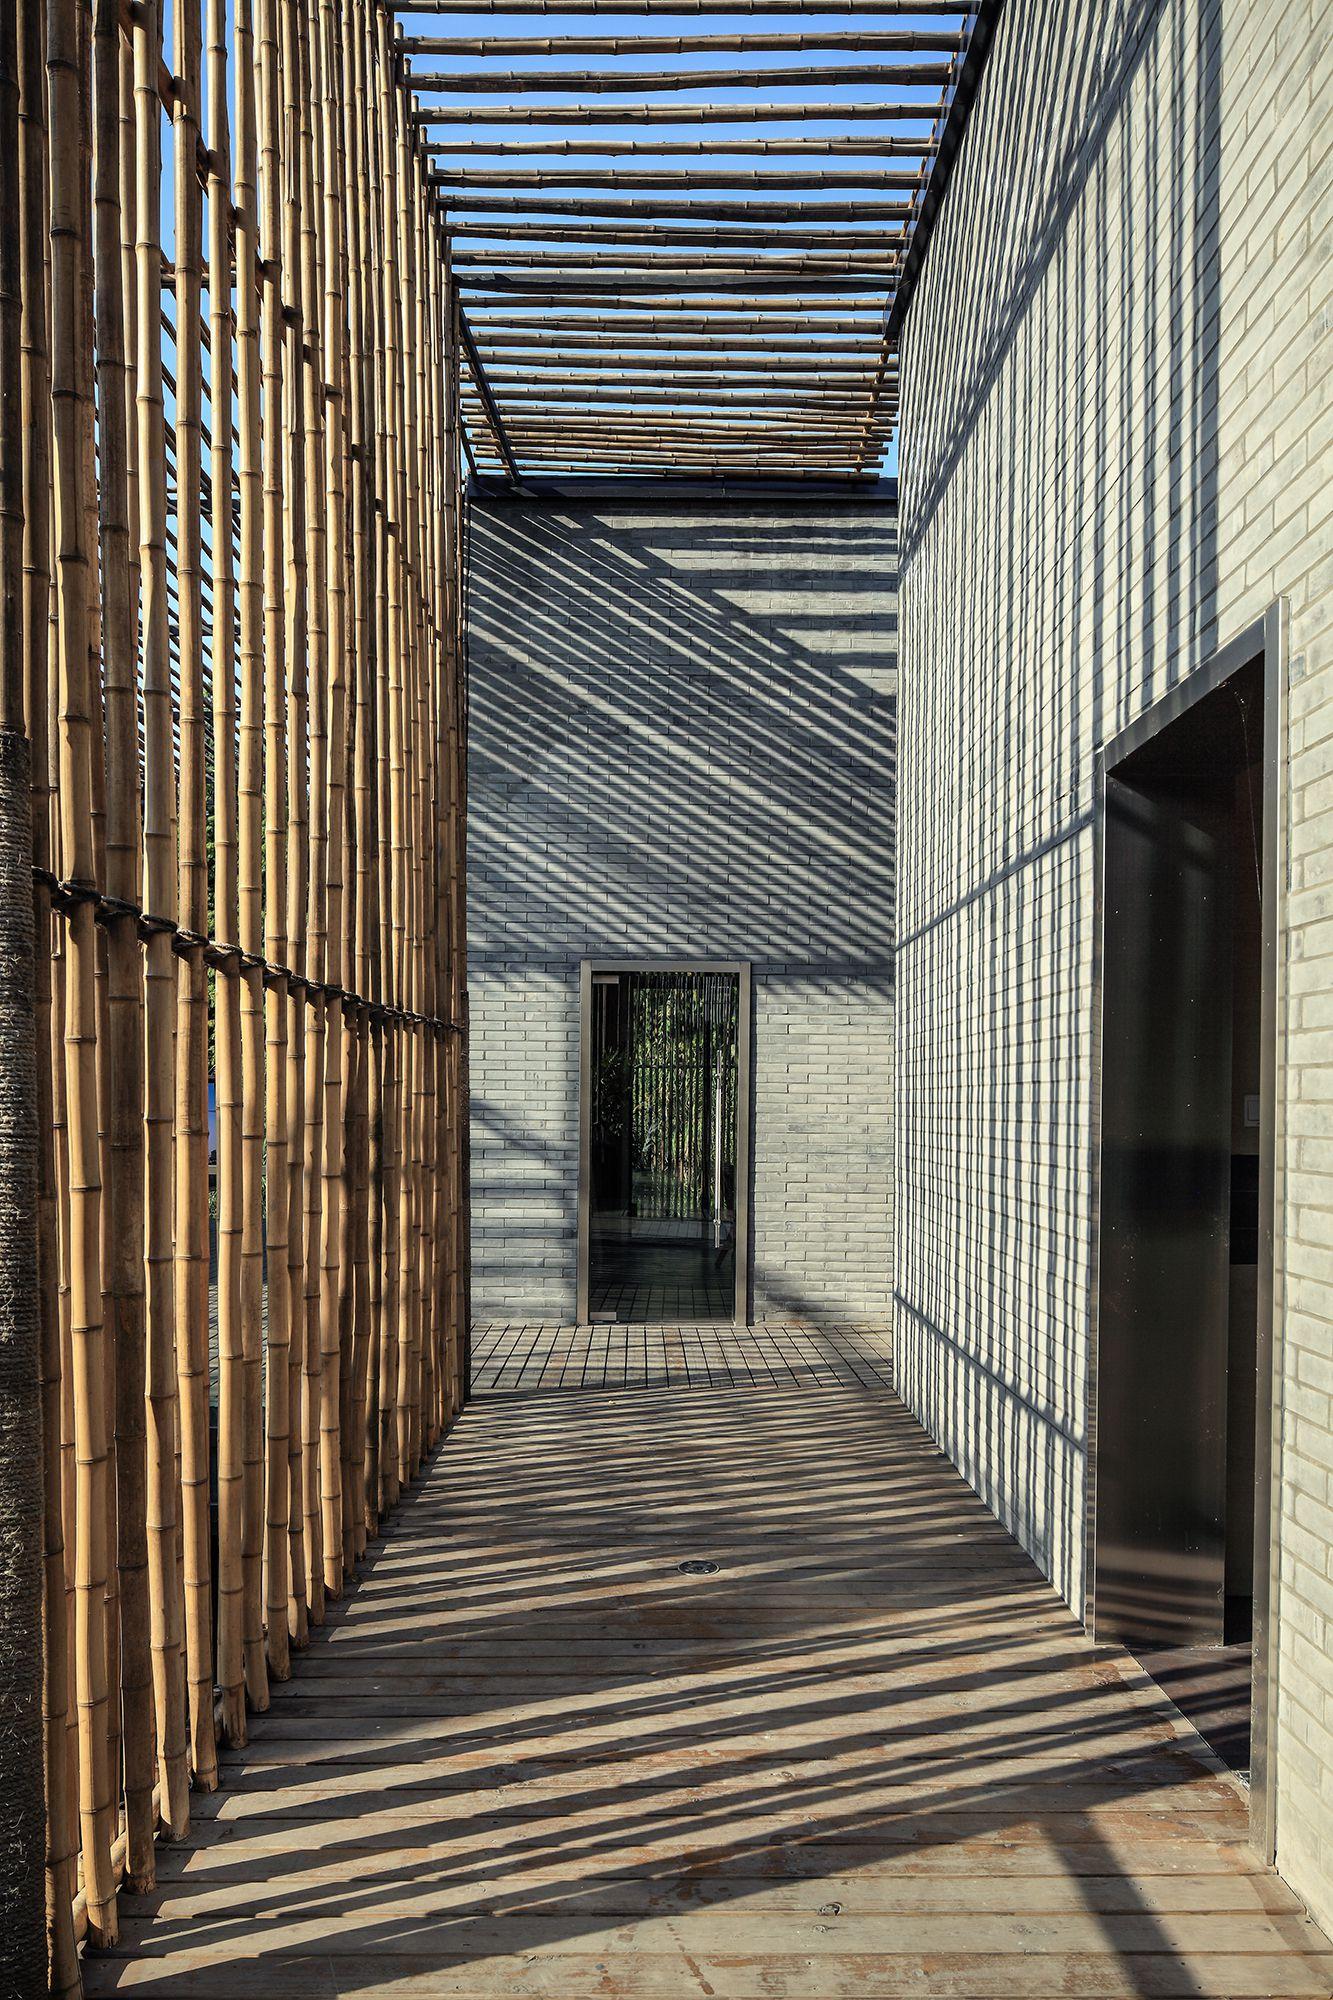 teahouse_13 corridor